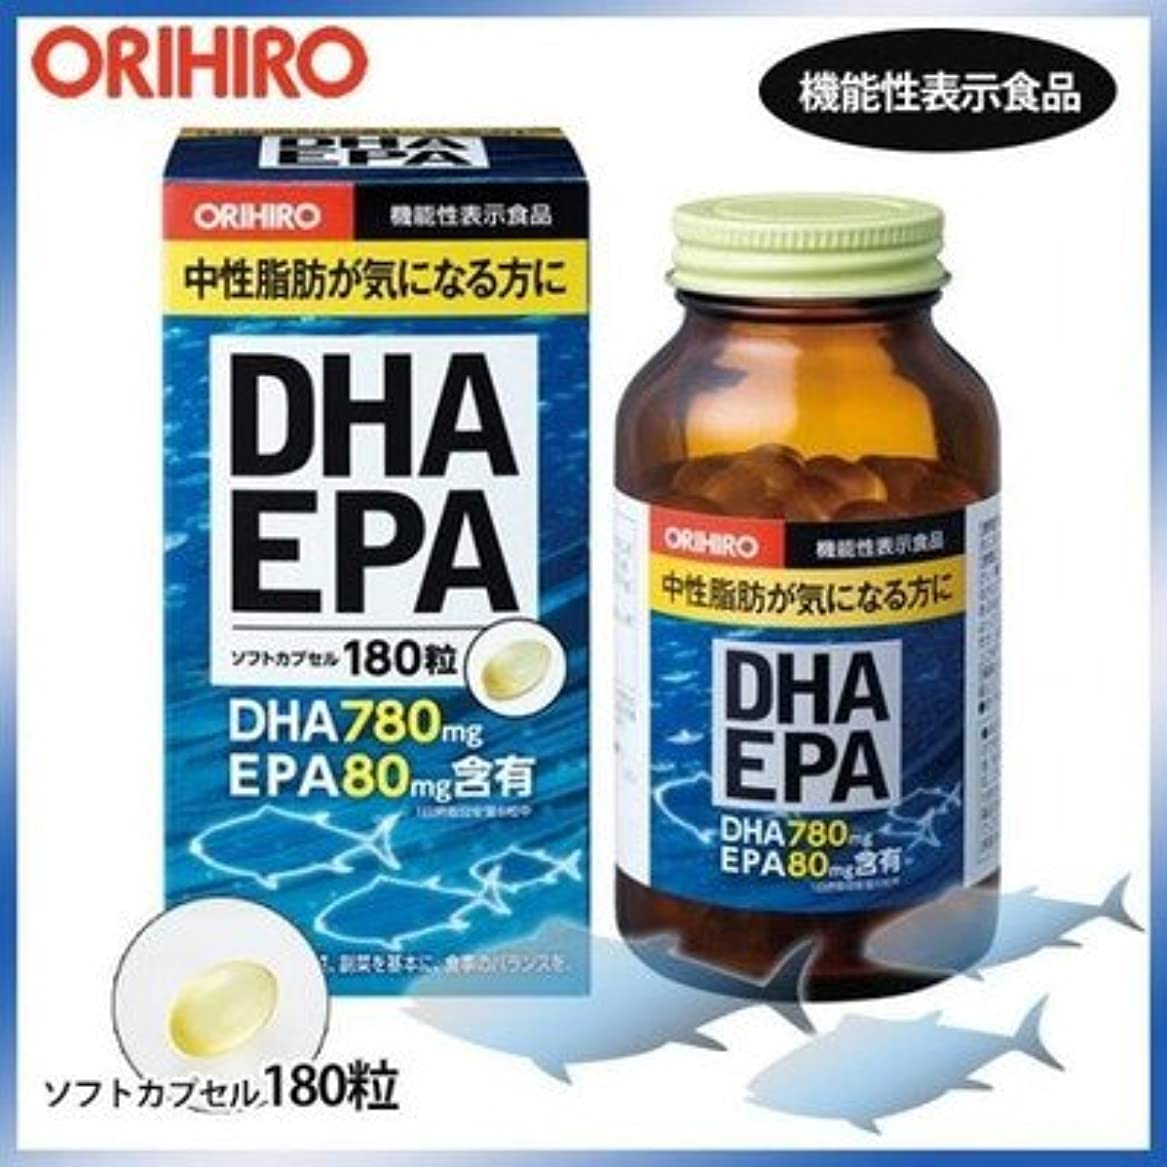 遺跡ちょうつがいメールを書くオリヒロ 機能性表示食品 DHA&EPA ソフトカプセル 180粒(1粒511mg/内容液357mg) 60208210